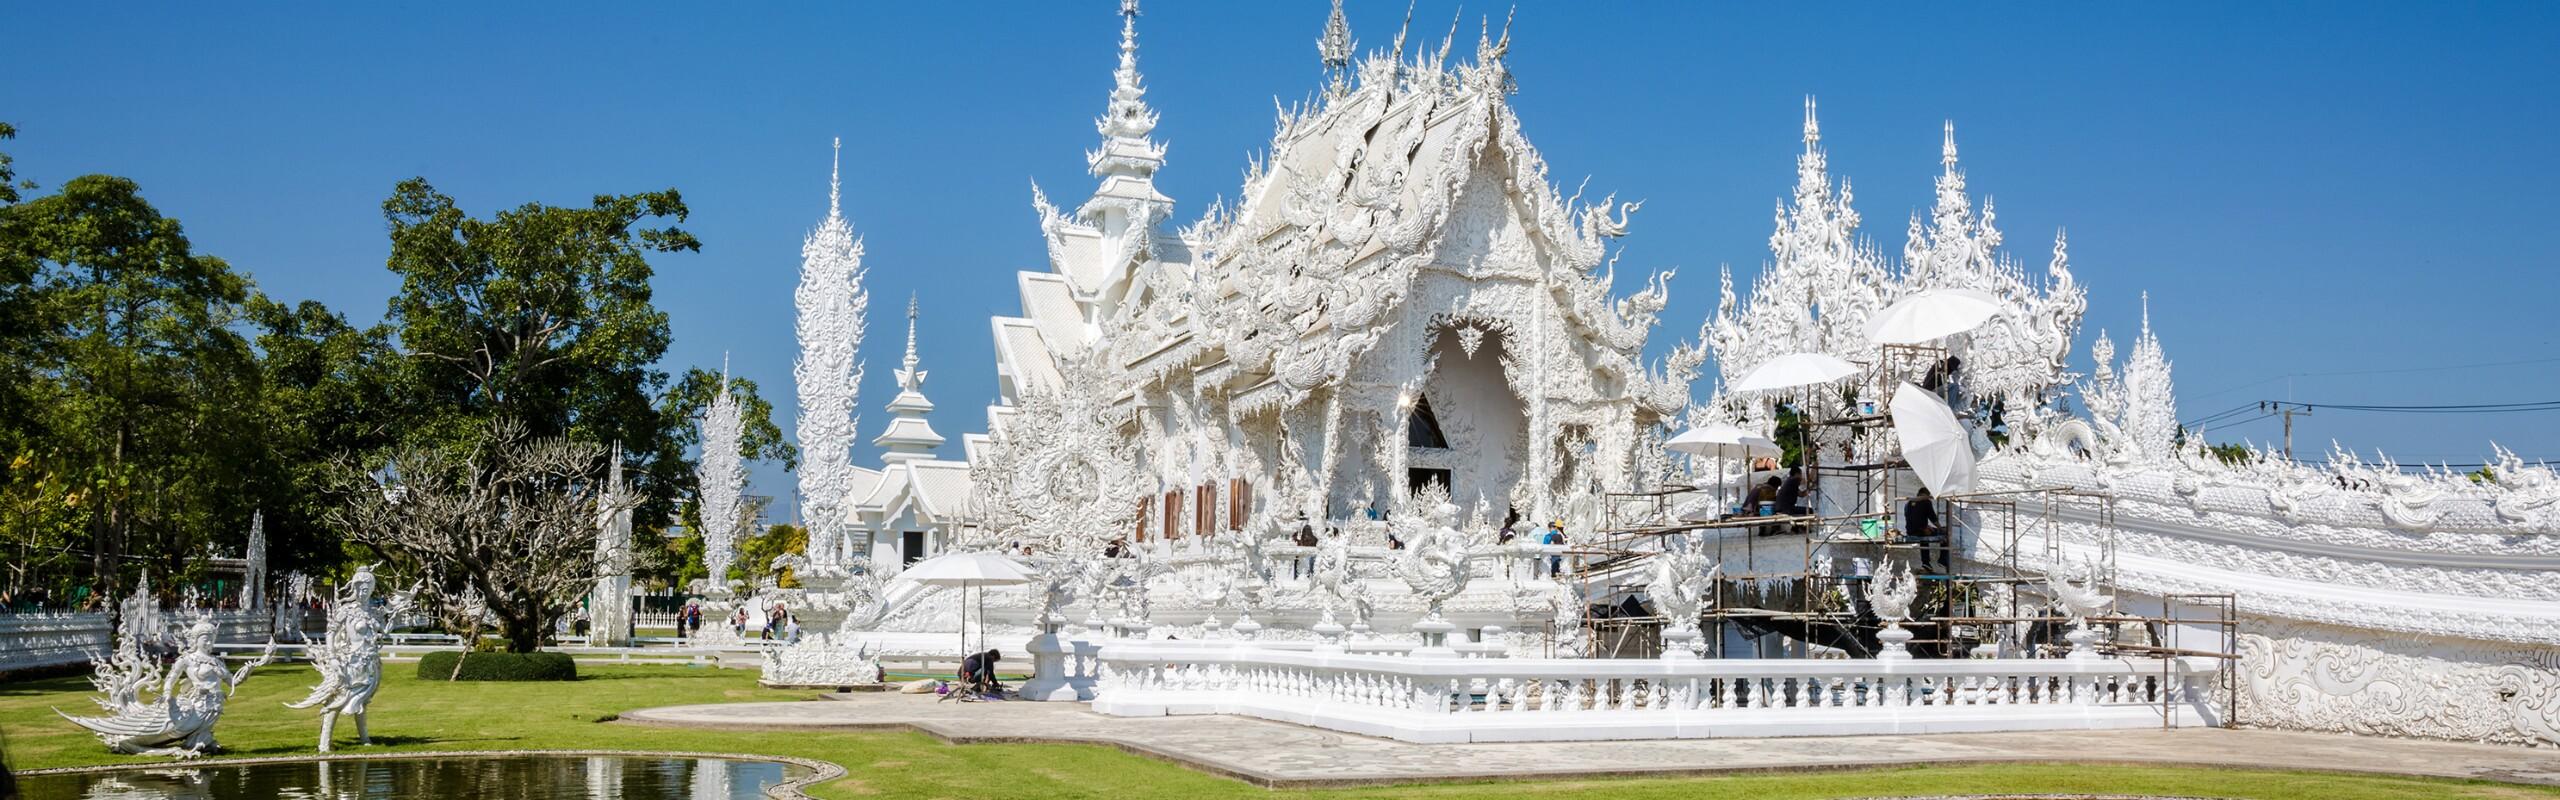 Top 7 Things to Do in Chiang Rai